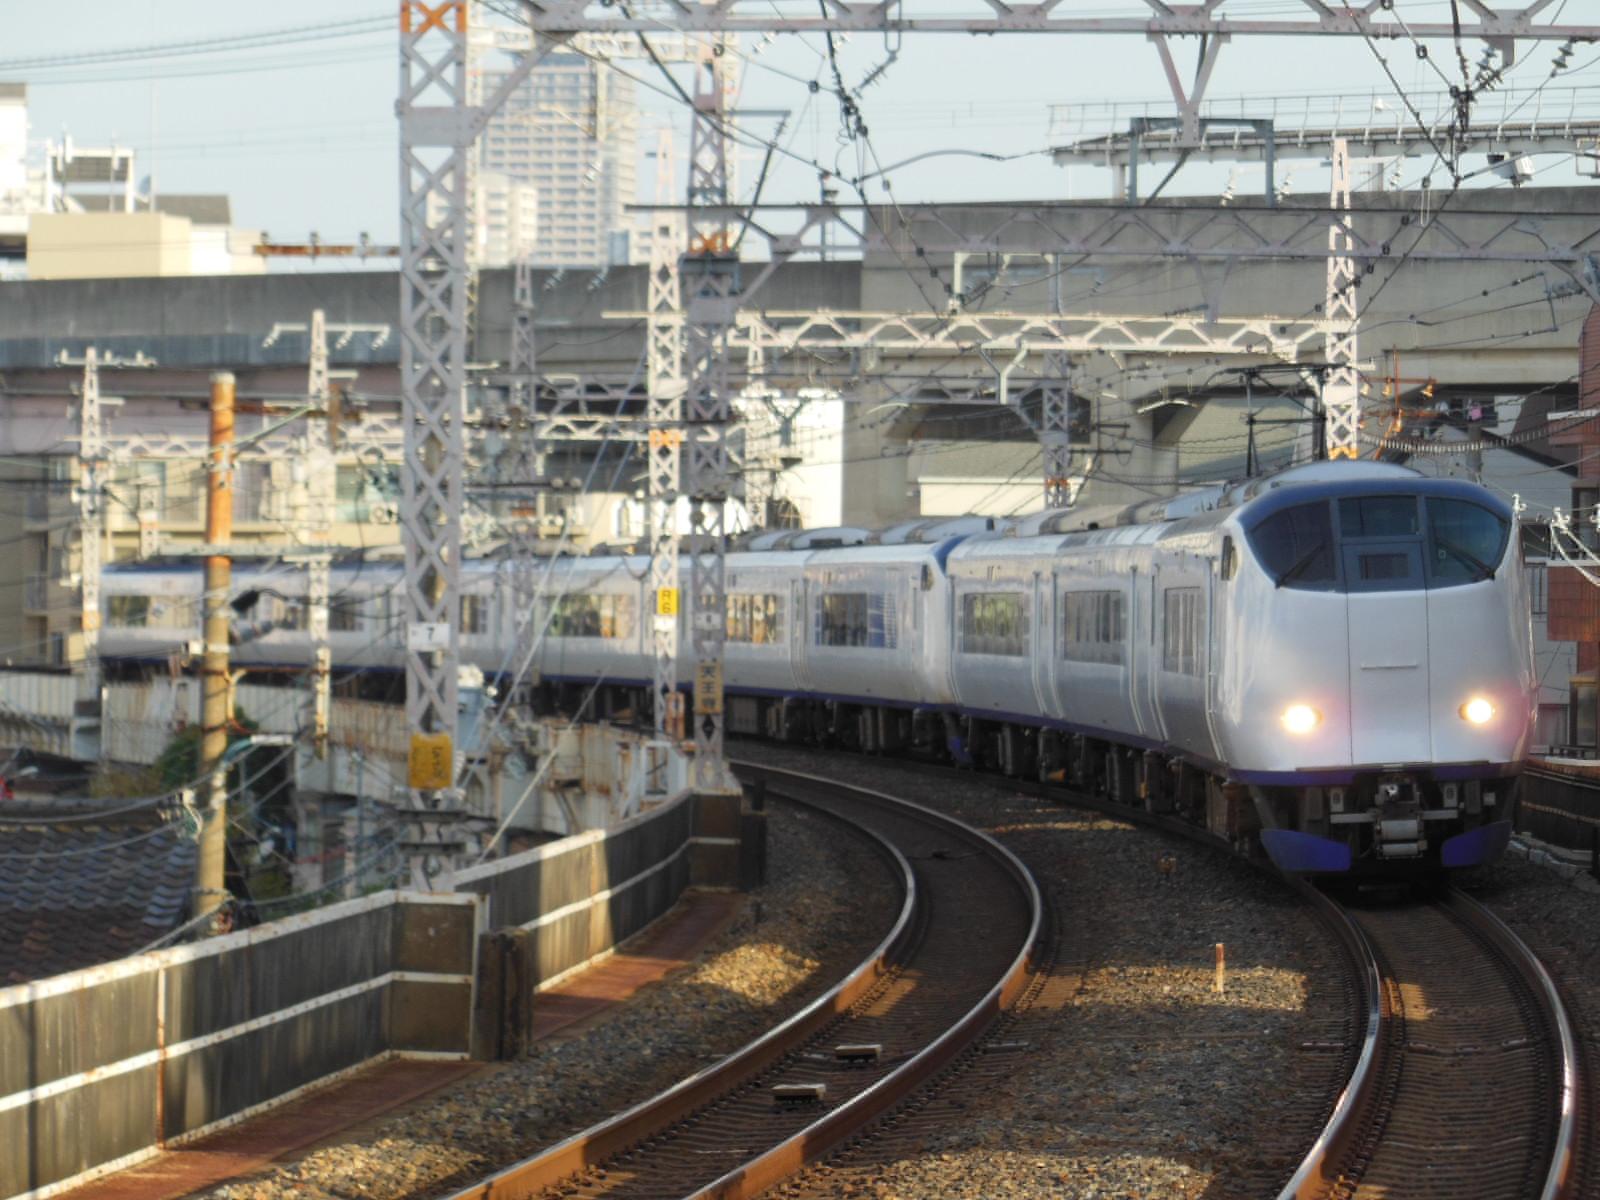 DSCN5216.jpg